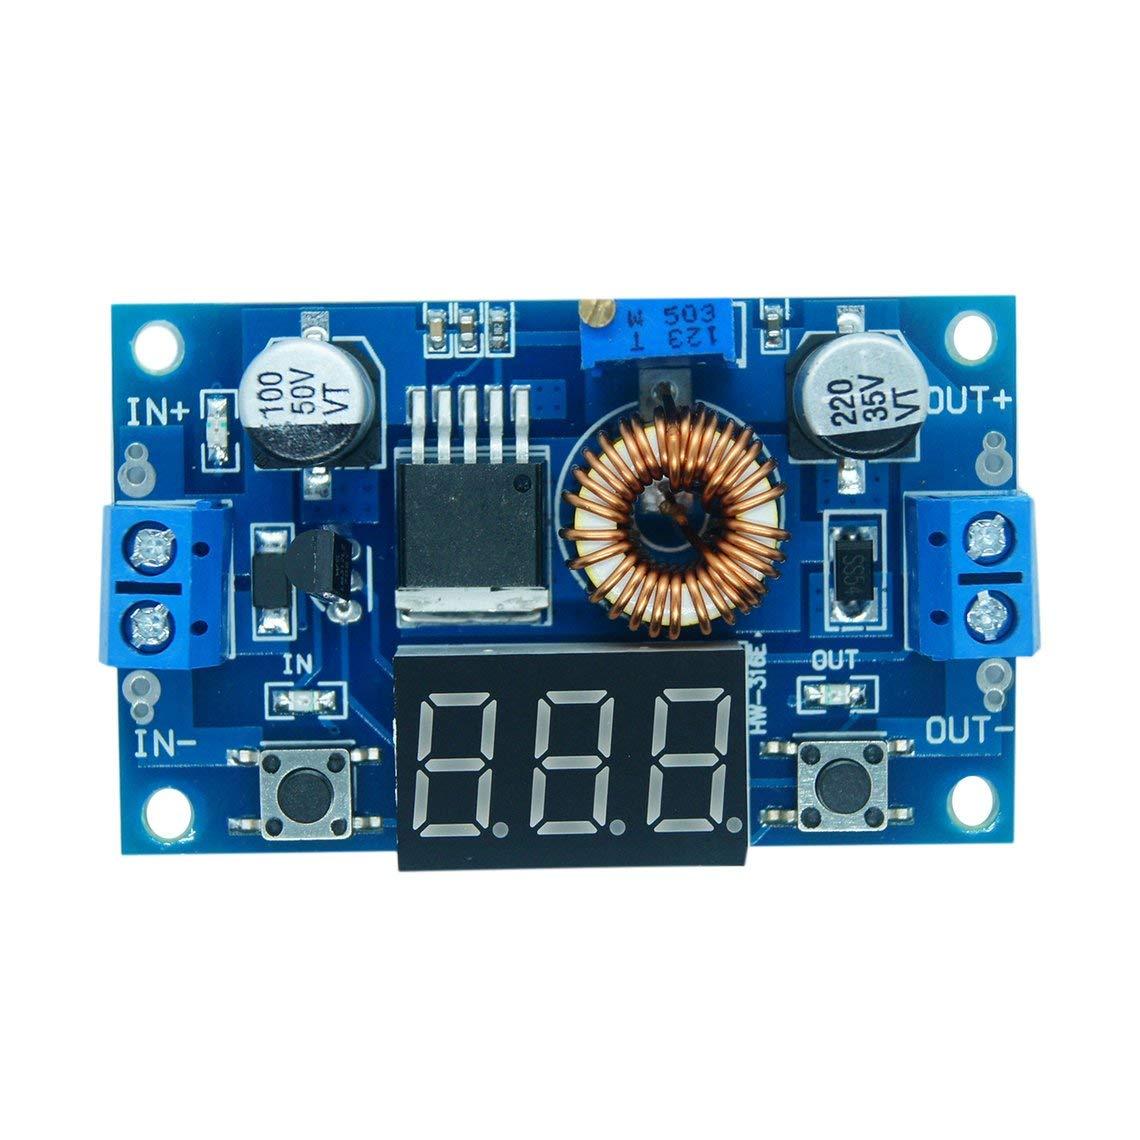 Zinniaya DC-DC Step Down Converter 5-36V to 1.25-32V 5A Buck Voltage Regulator with Digital LED Display Voltage Converter